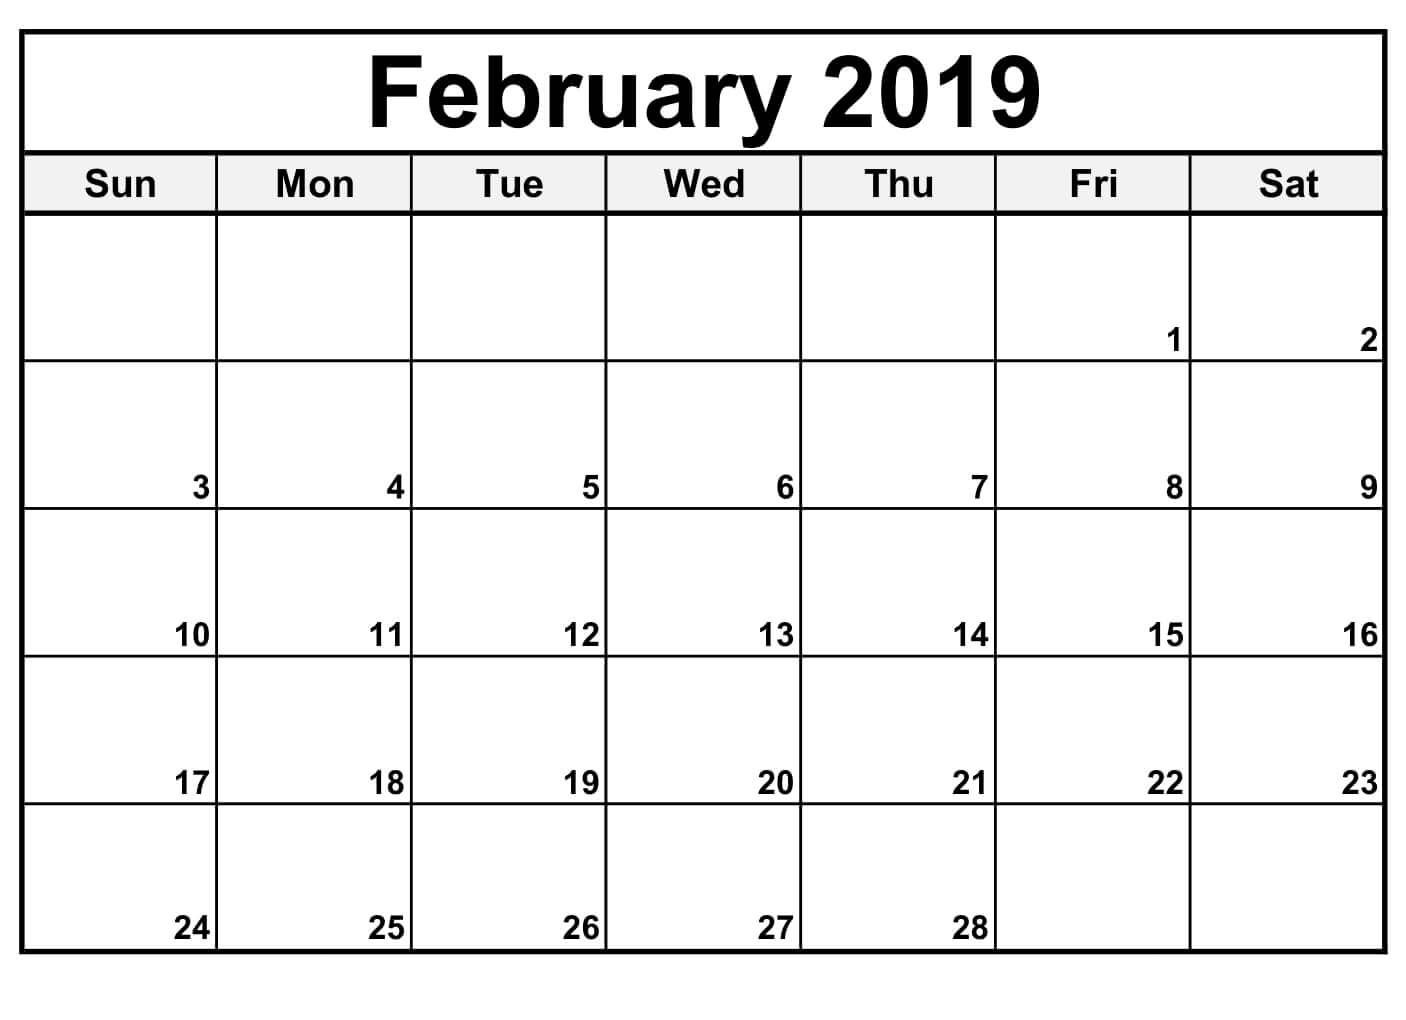 February 2019 Calendar Editable Blank Calendar Template